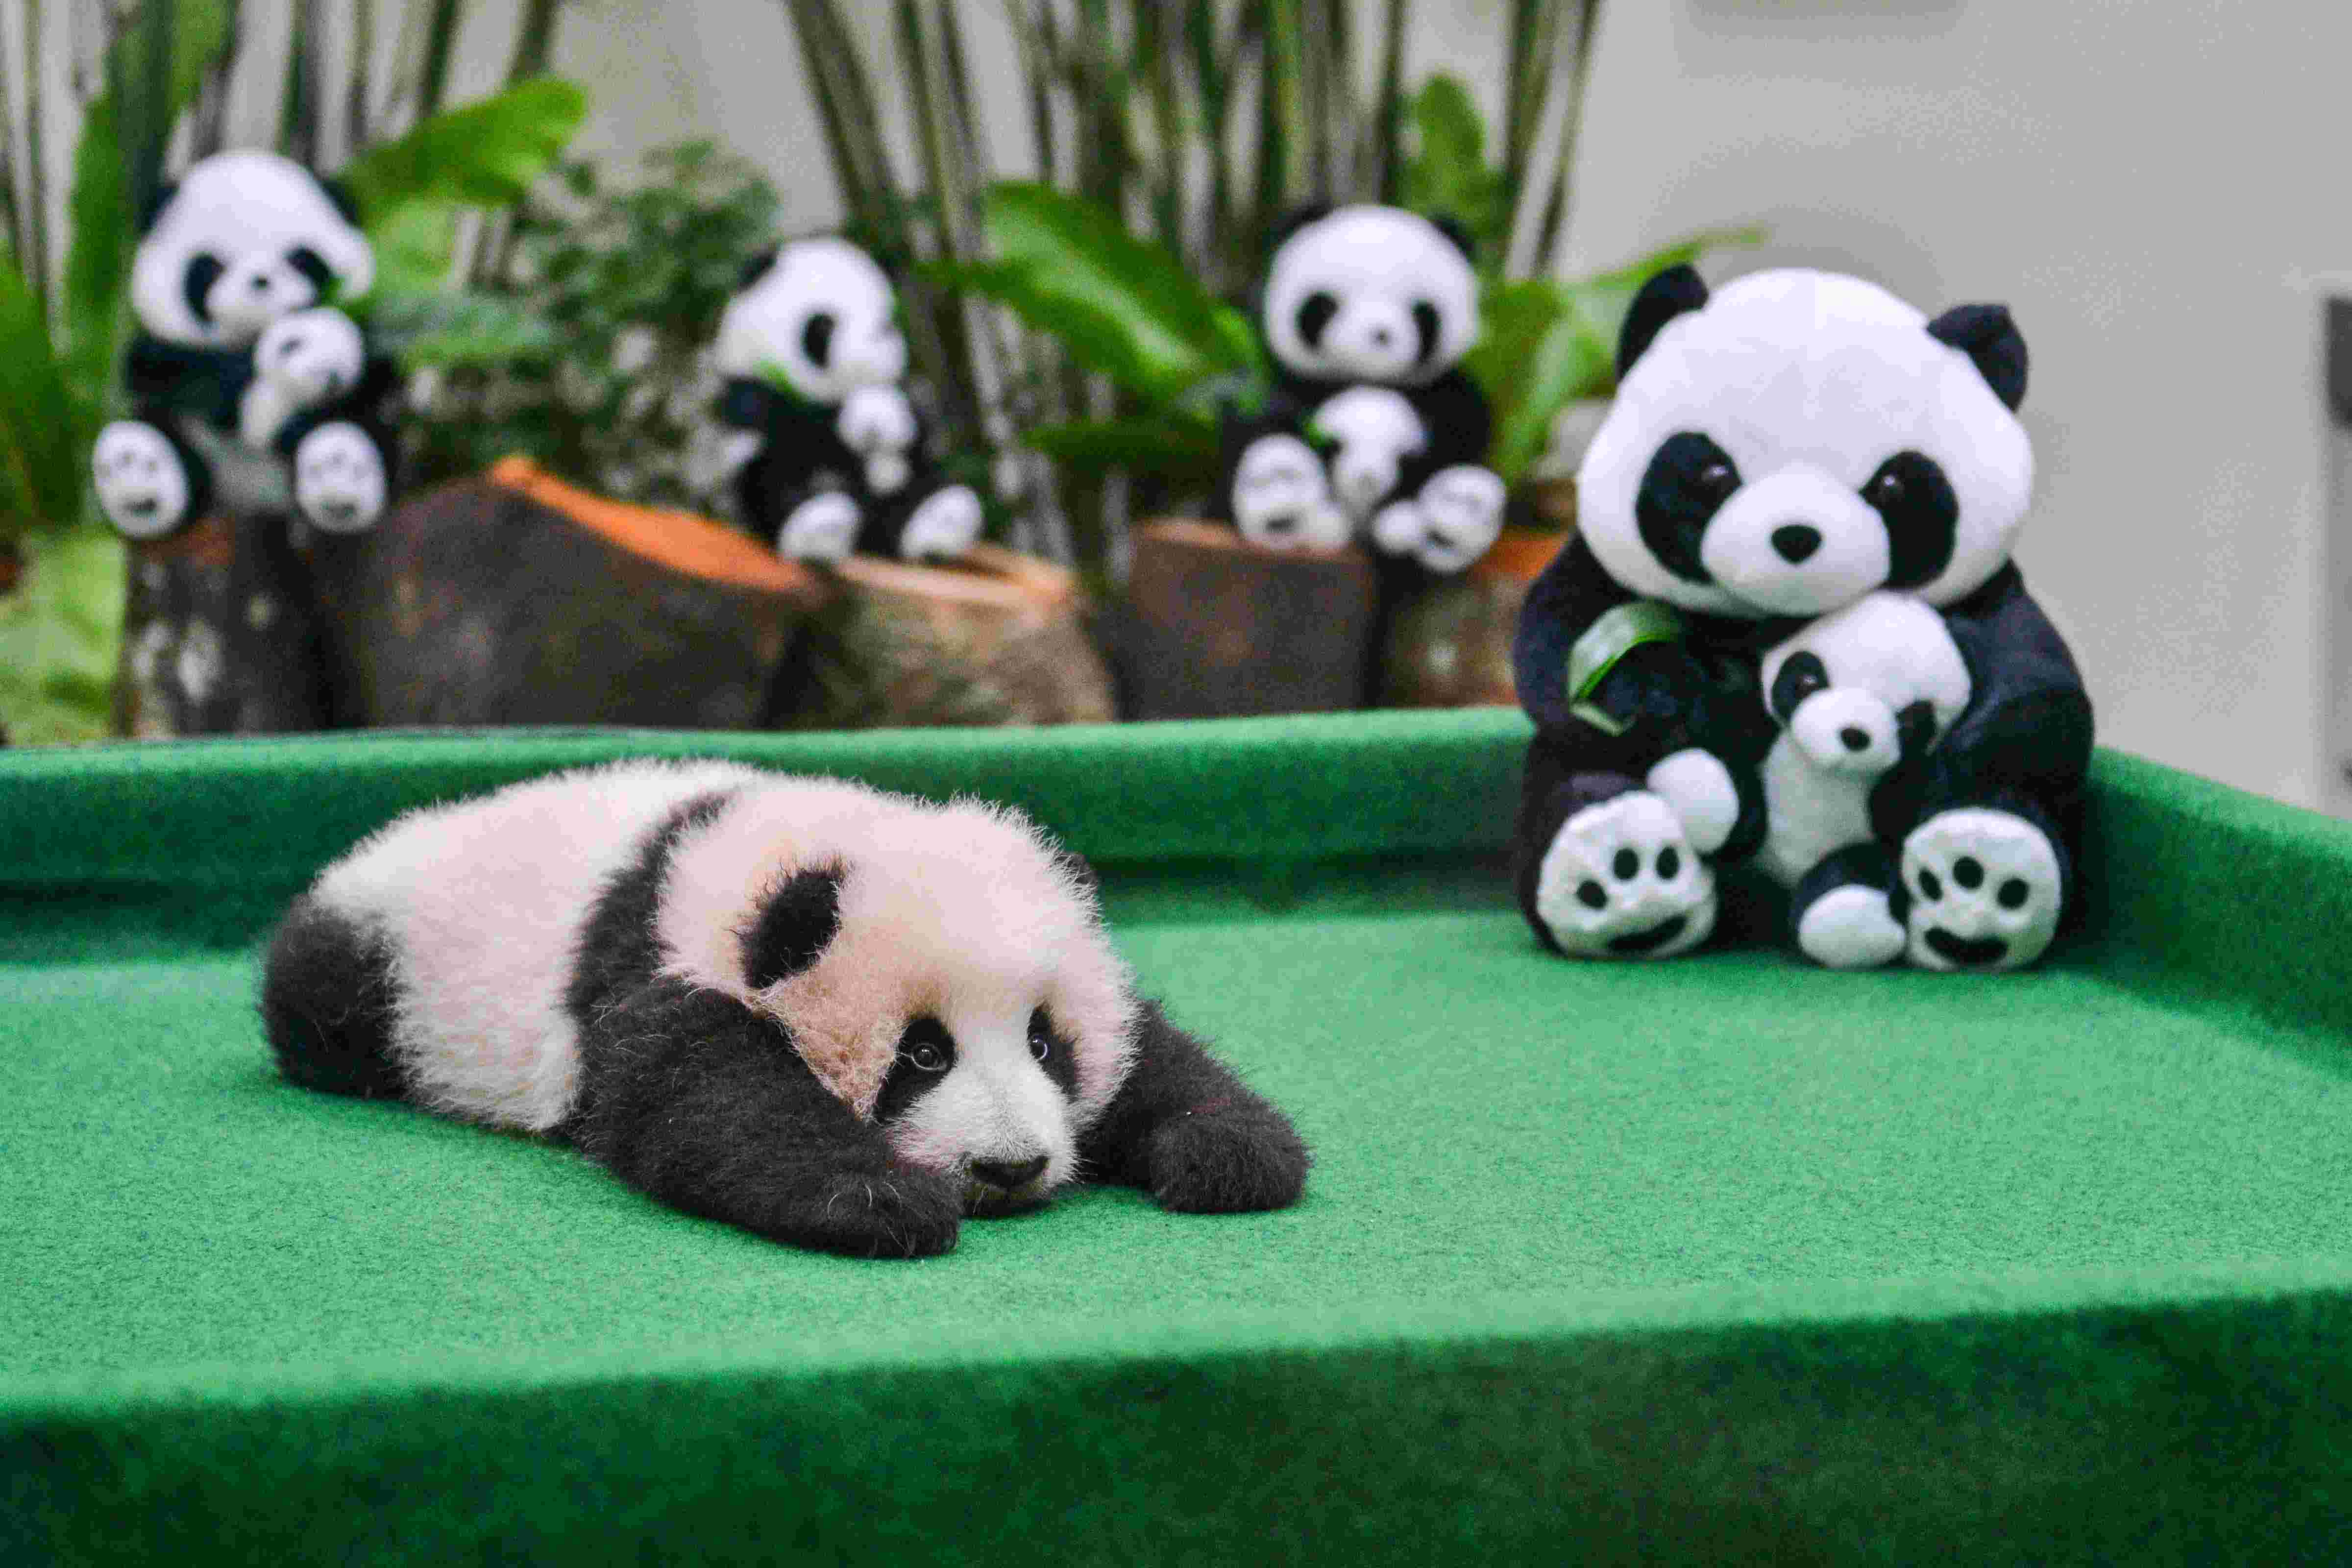 动物园拍摄的大熊猫宝宝